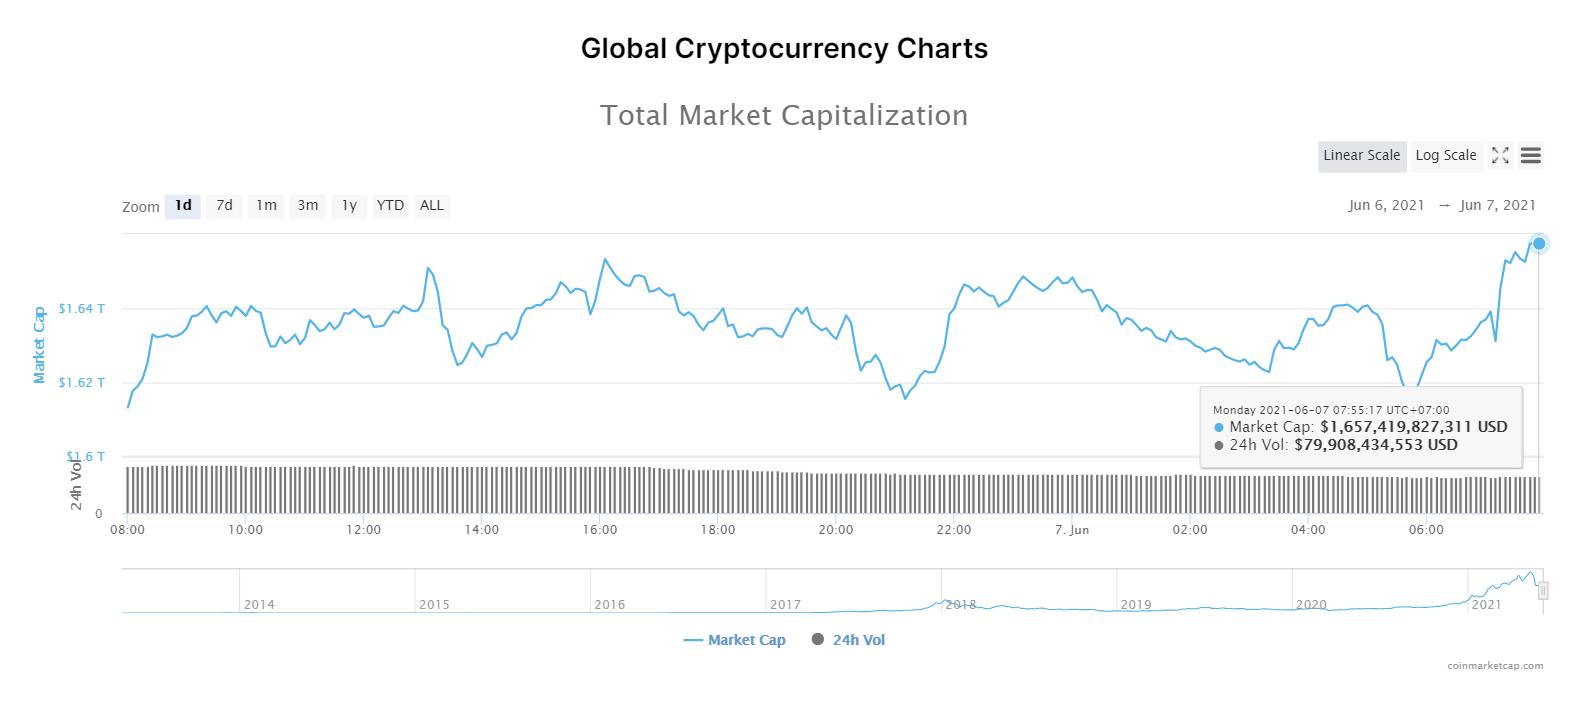 Tổng giá trị thị trường và khối lượng giao dịch tiền kỹ thuật số ngày 7/6/2021. (Nguồn: CoinTelegraph).